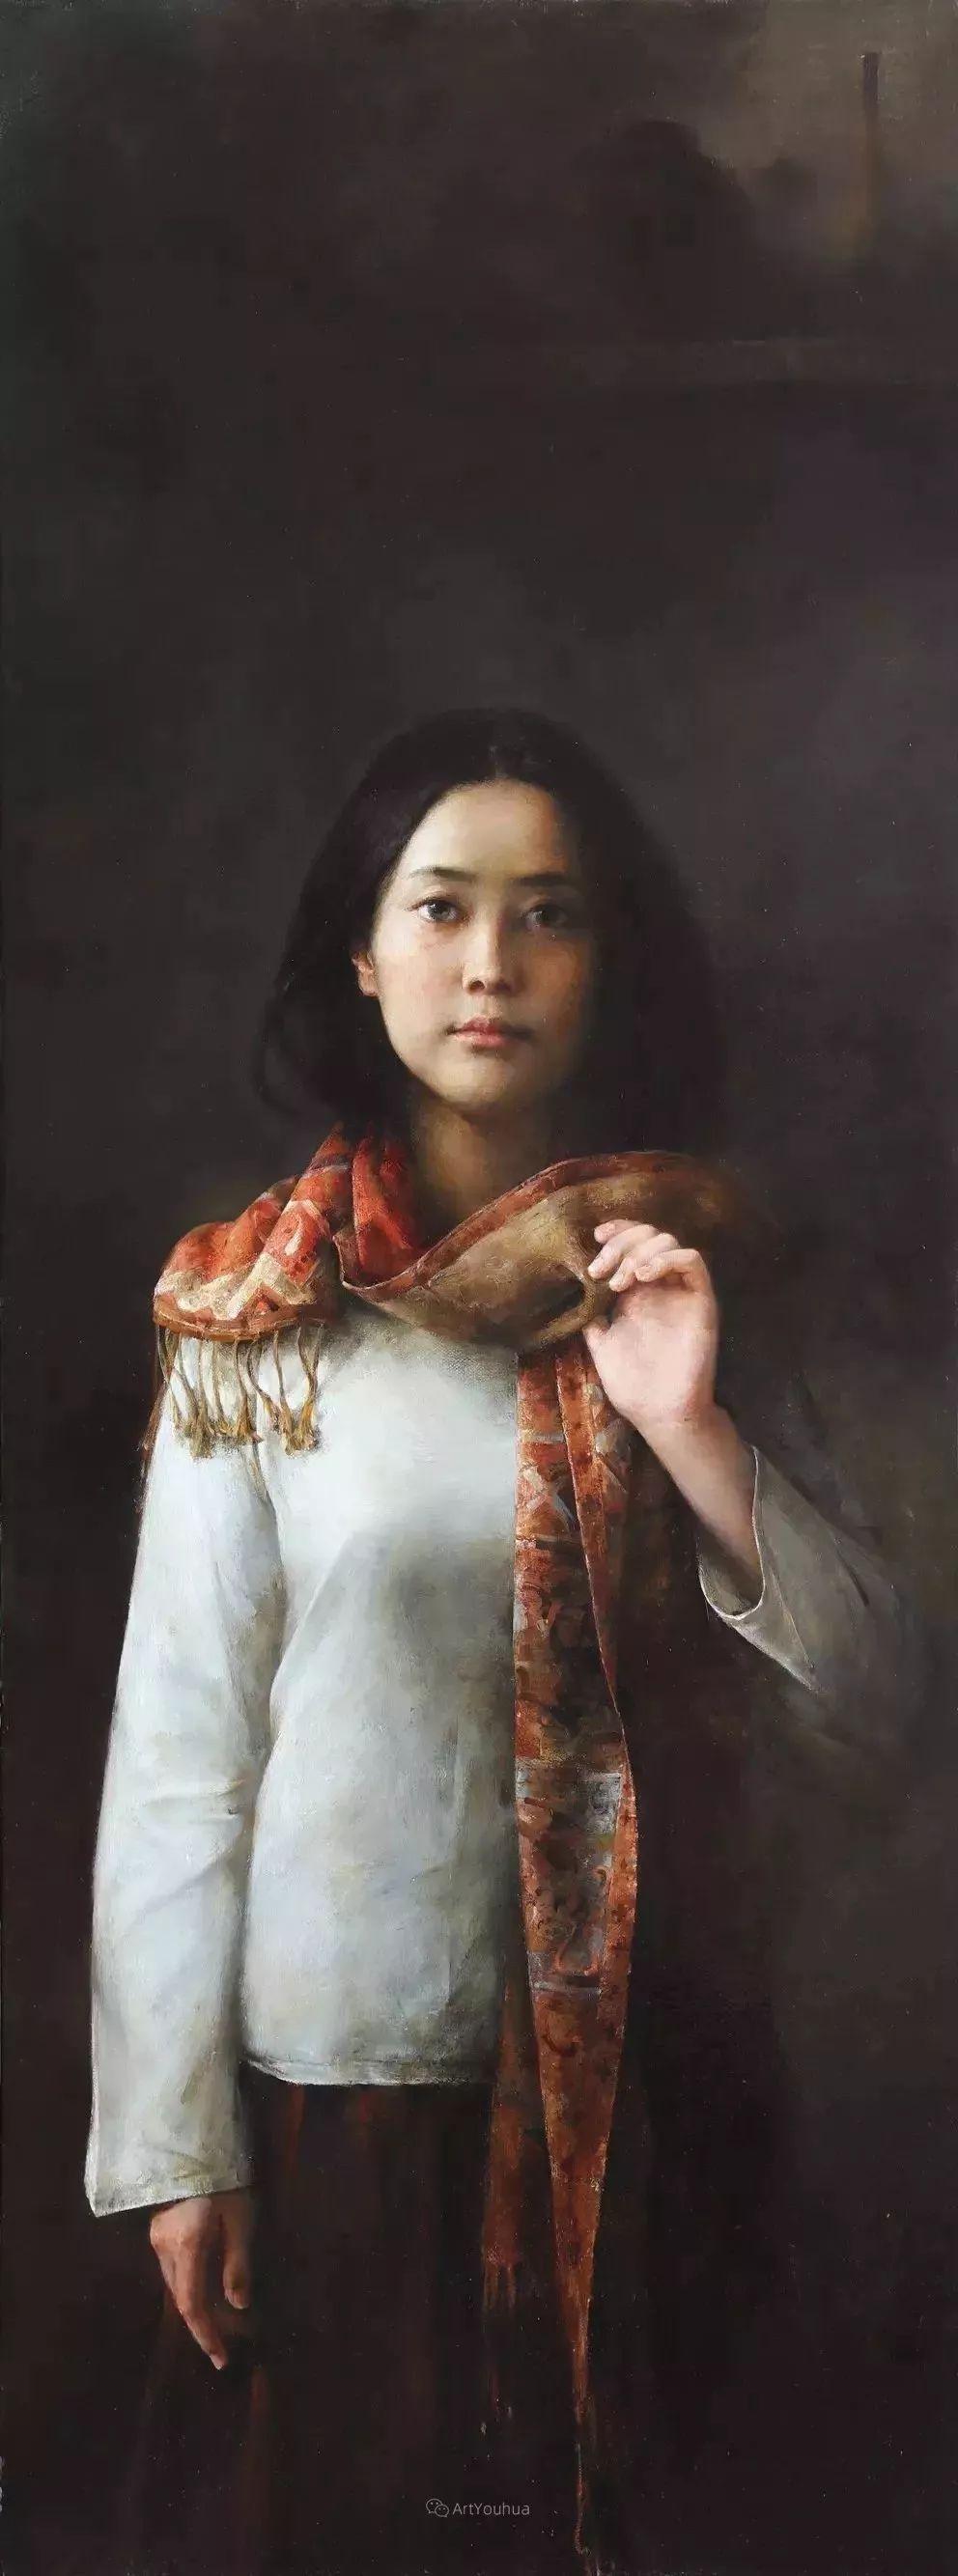 古典的纯净之美,付胜辉写实油画人物插图11